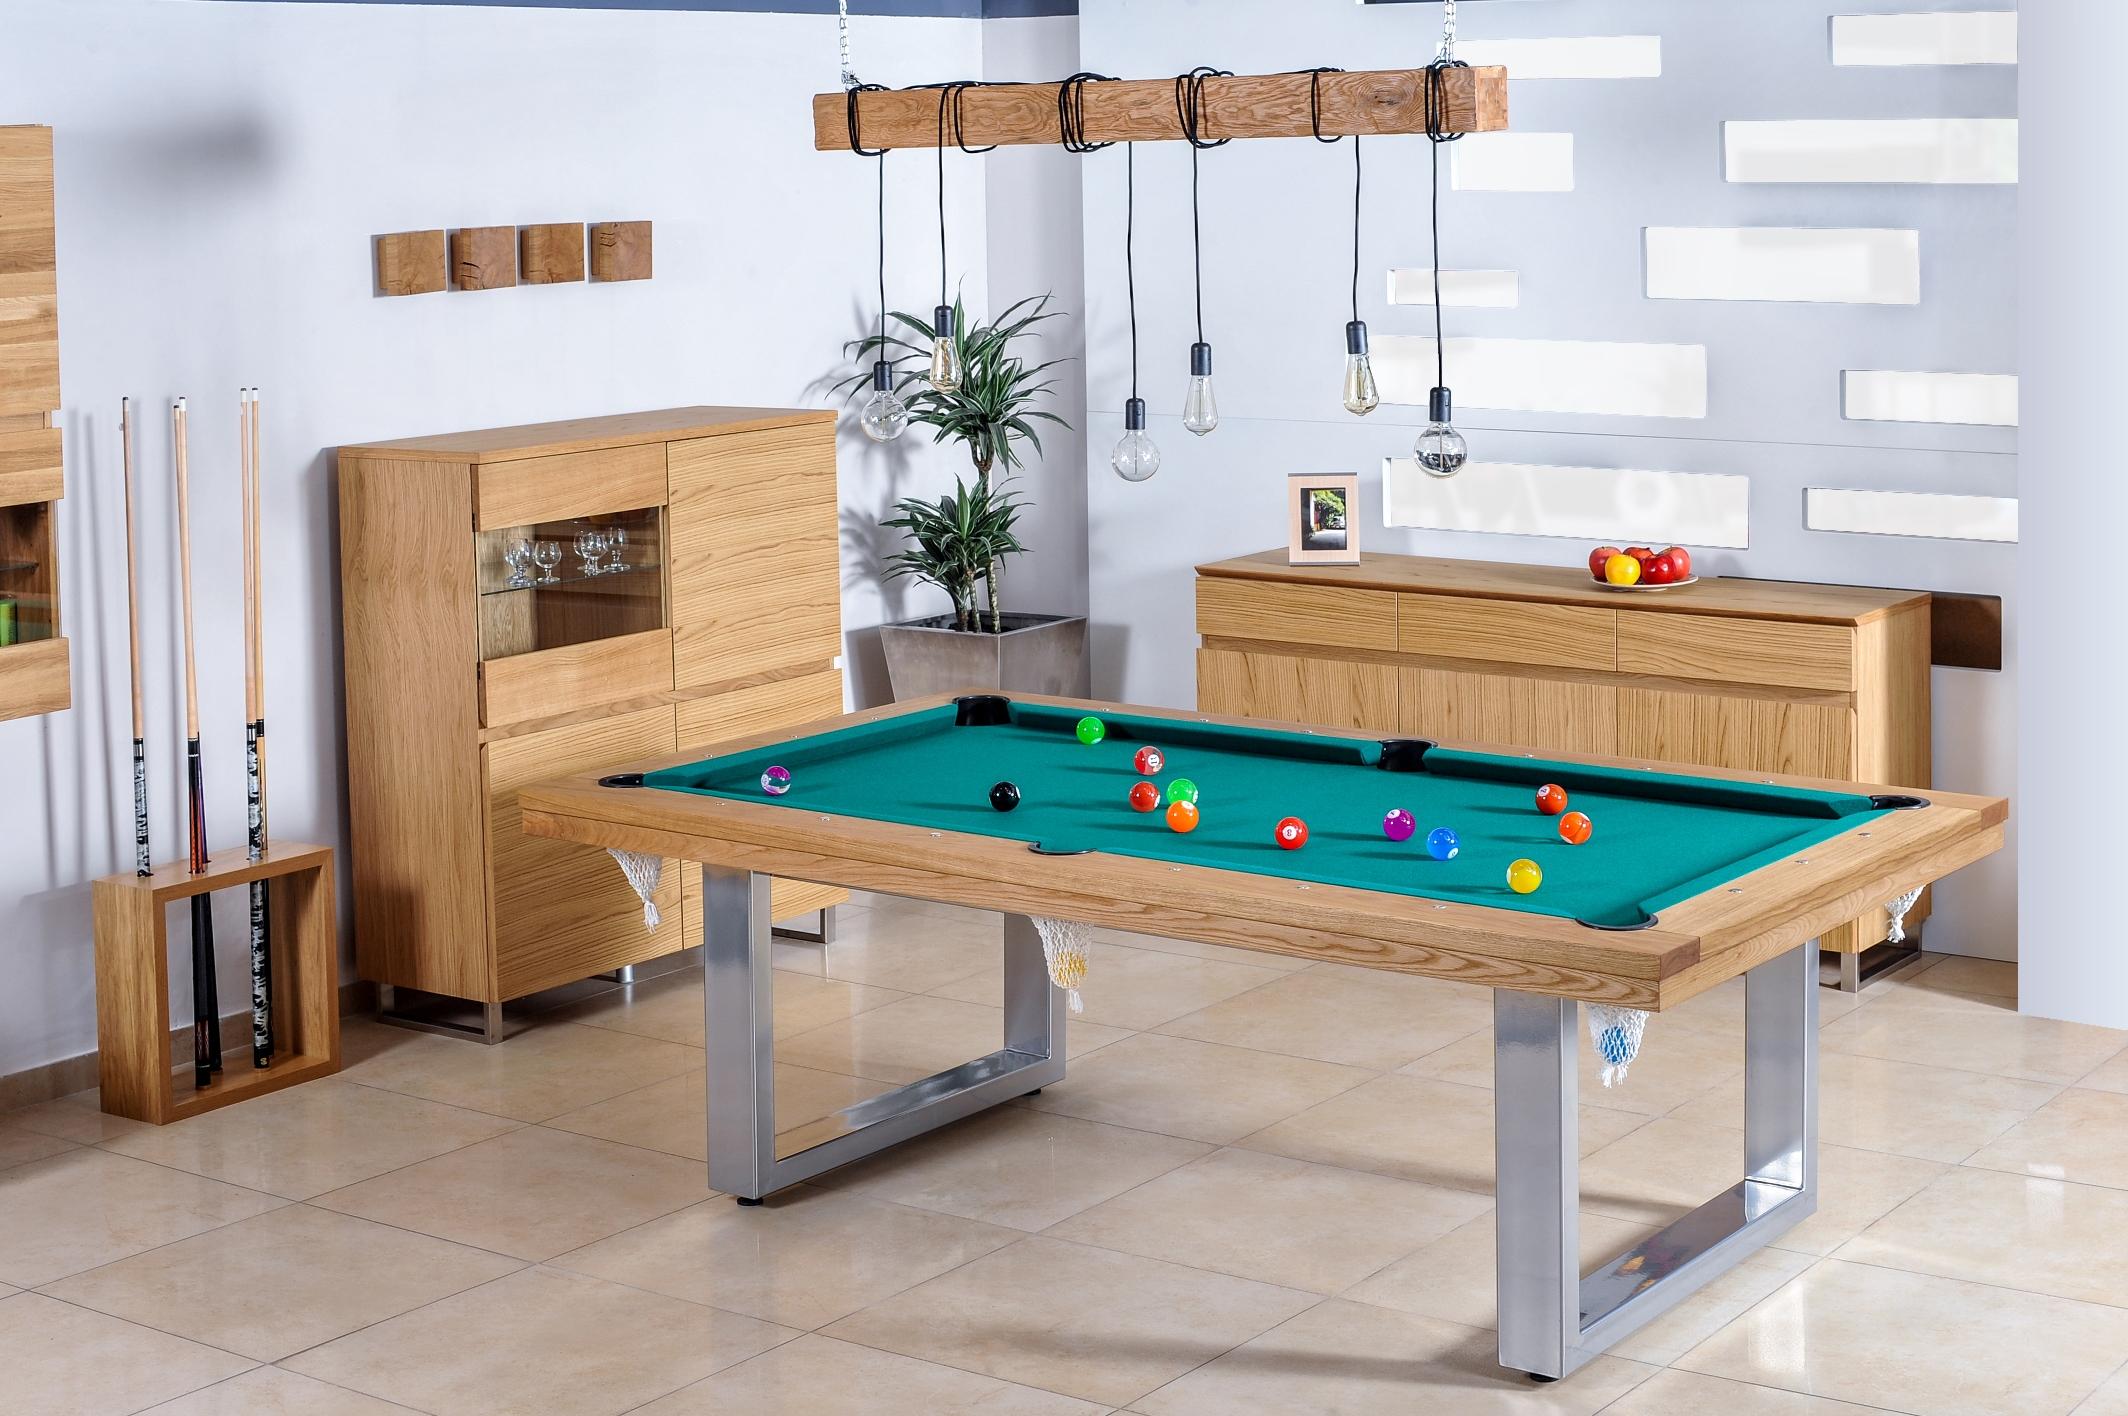 billardtisch esstisch torino poolbillard. Black Bedroom Furniture Sets. Home Design Ideas